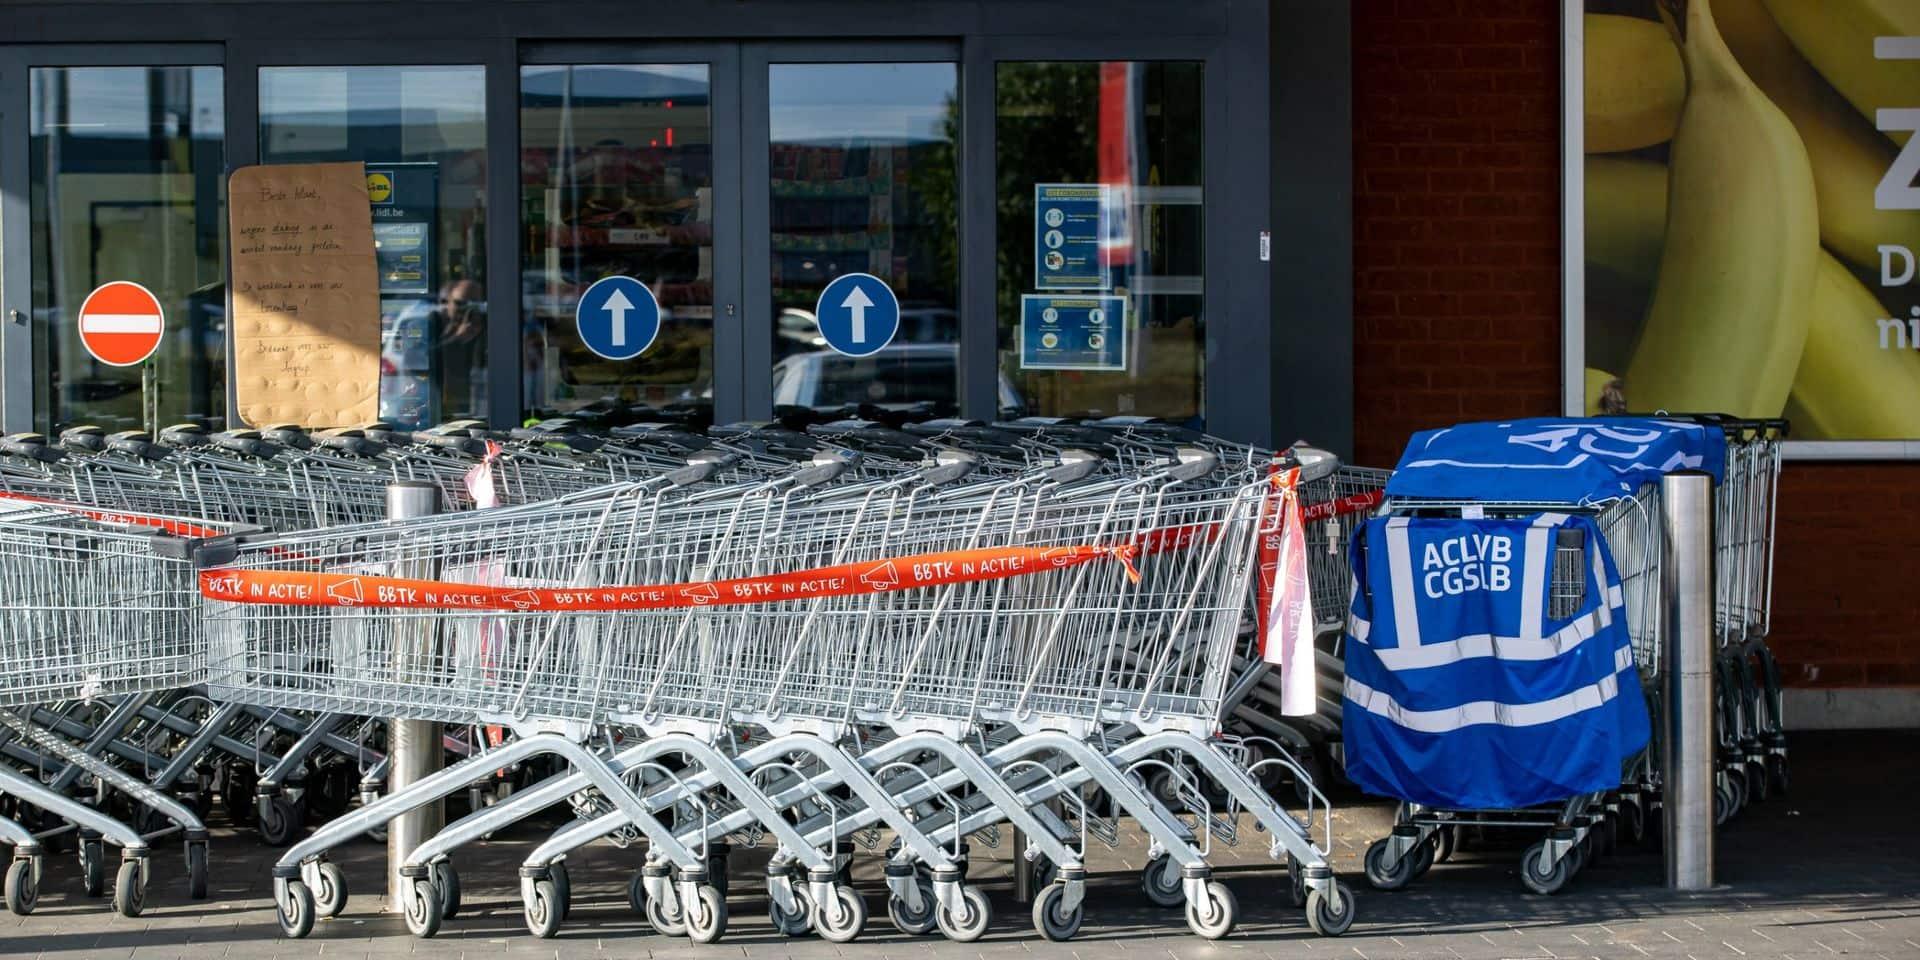 De nombreux magasins Lidl sont encore fermés ce jeudi en raison de grèves: des perturbations à prévoir au moins jusqu'à samedi